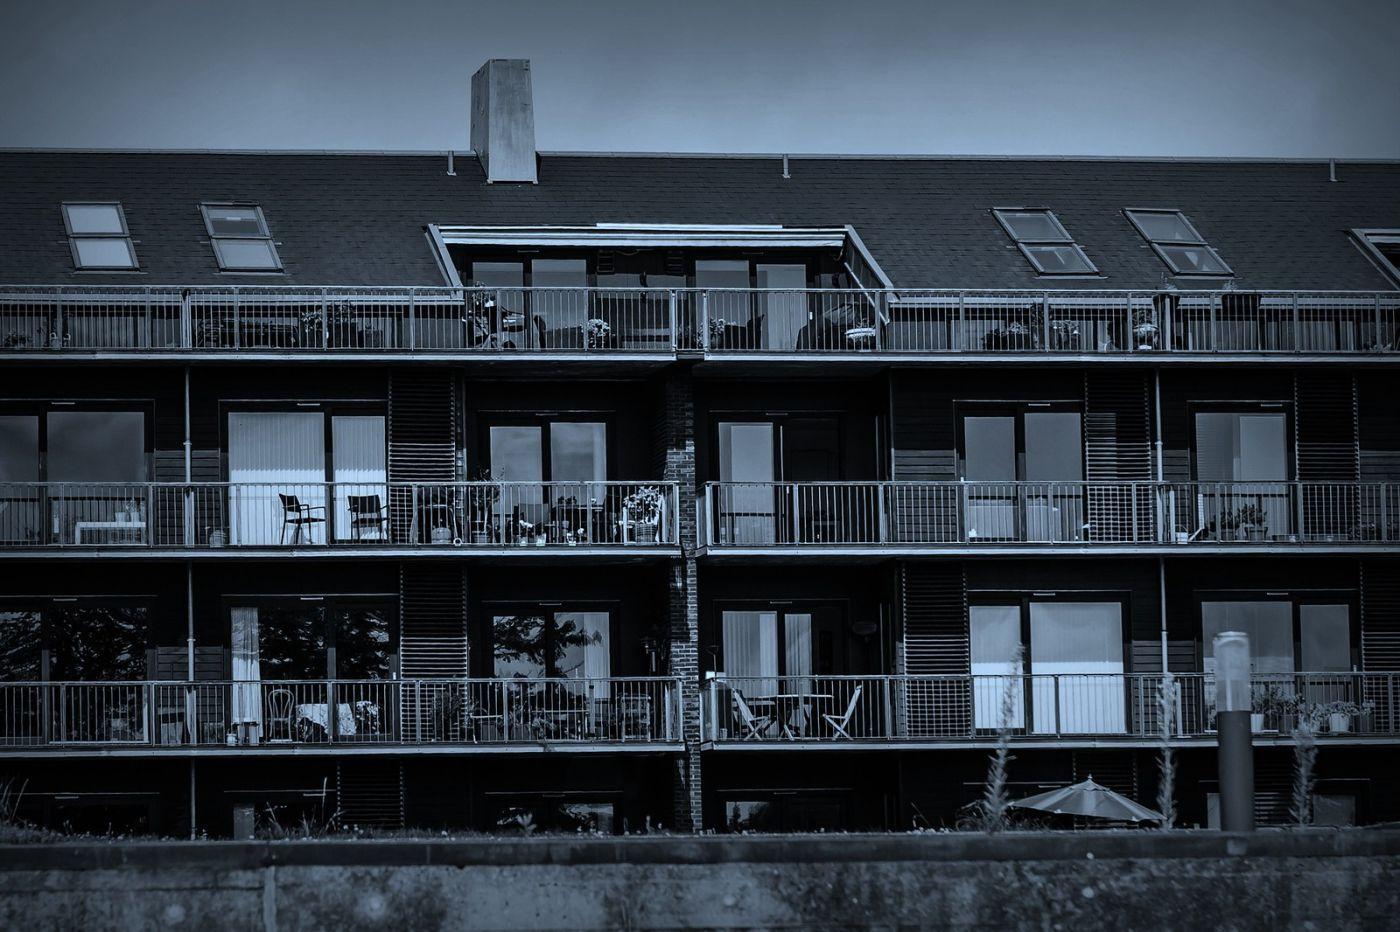 丹麦哥本哈根,坐船看市景_图1-30